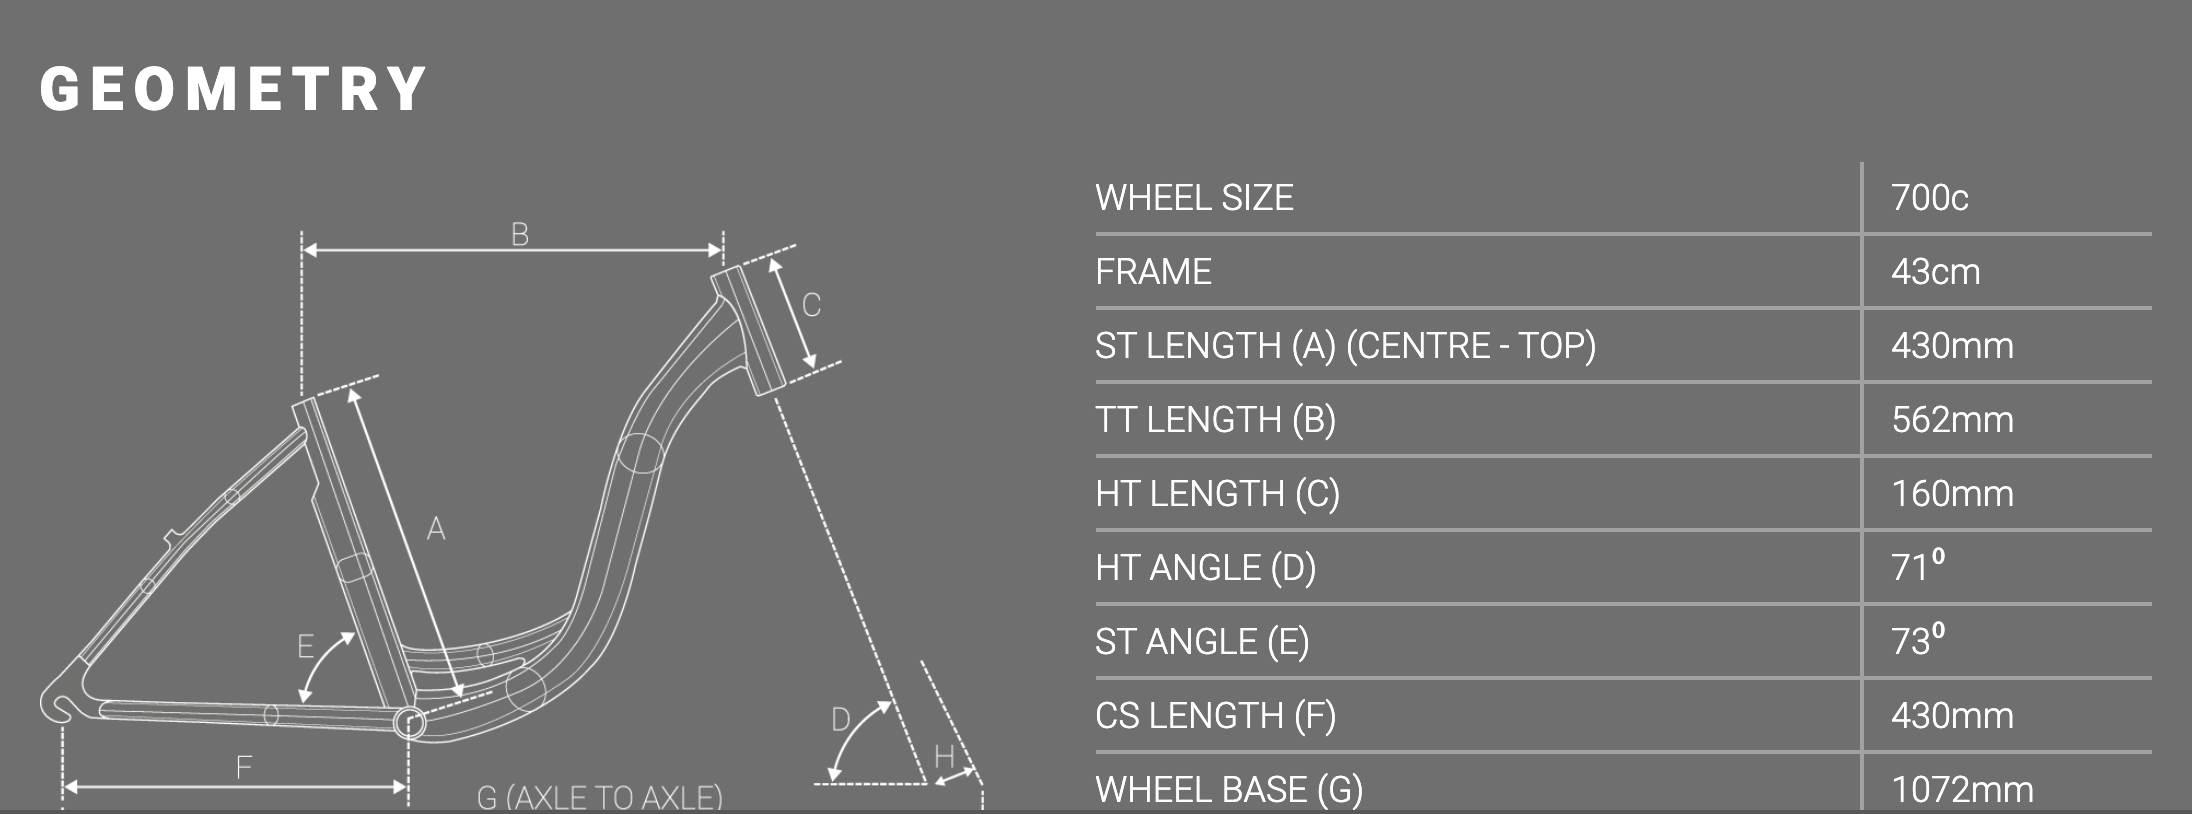 Forme Cromford ELS E-Bike Geometry